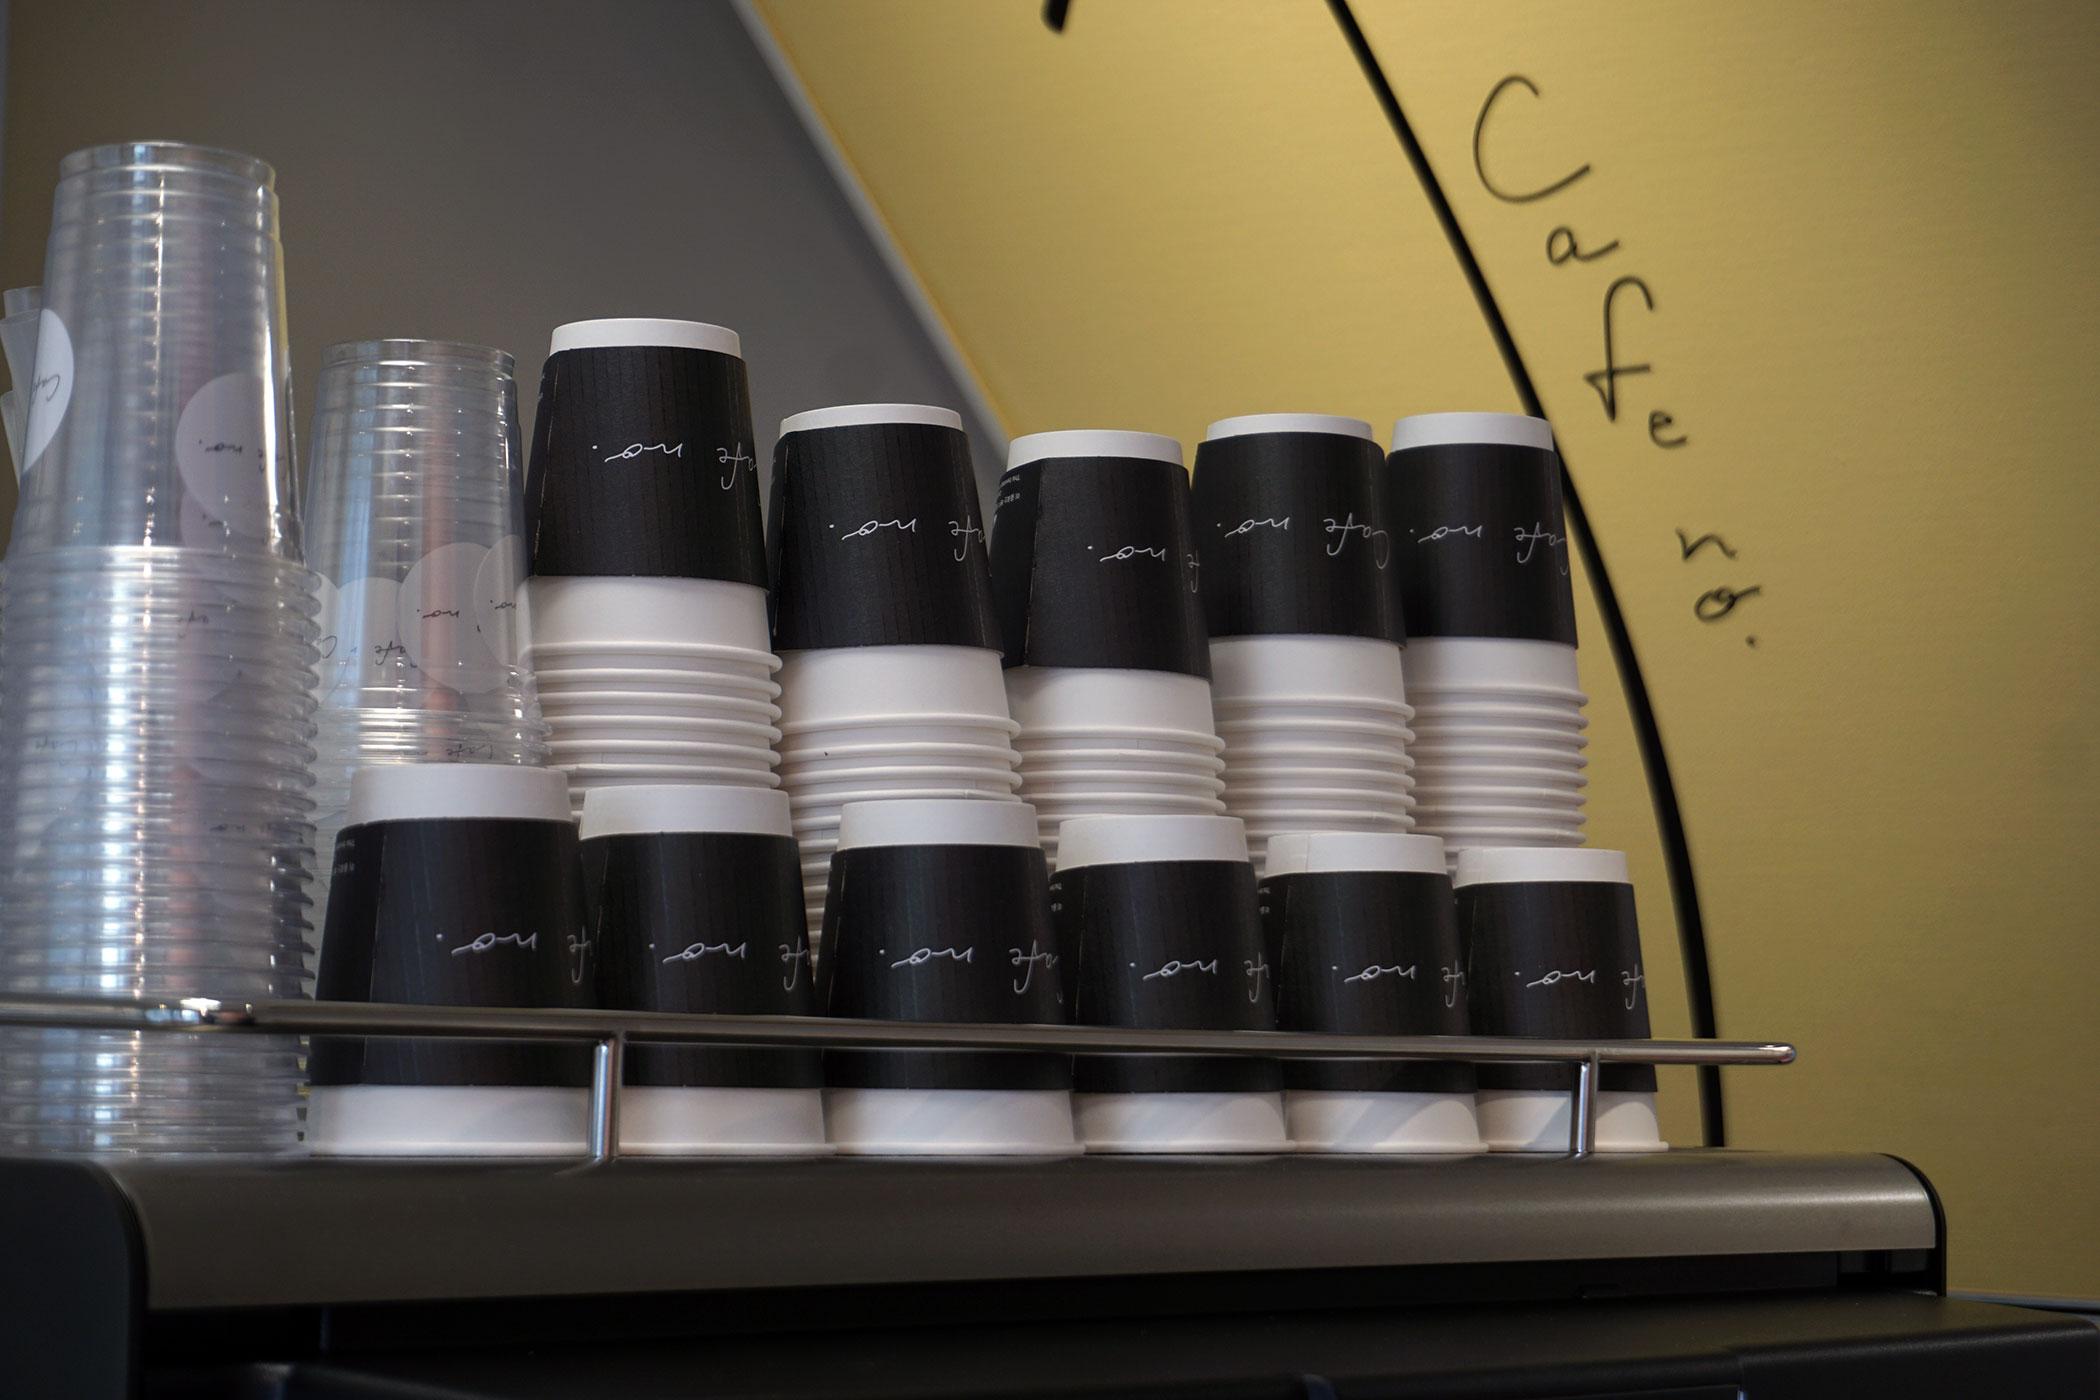 cafe no kobe (カフェナンバー) 創造力をかきたてる仕掛けは神戸女子へのメッセージ